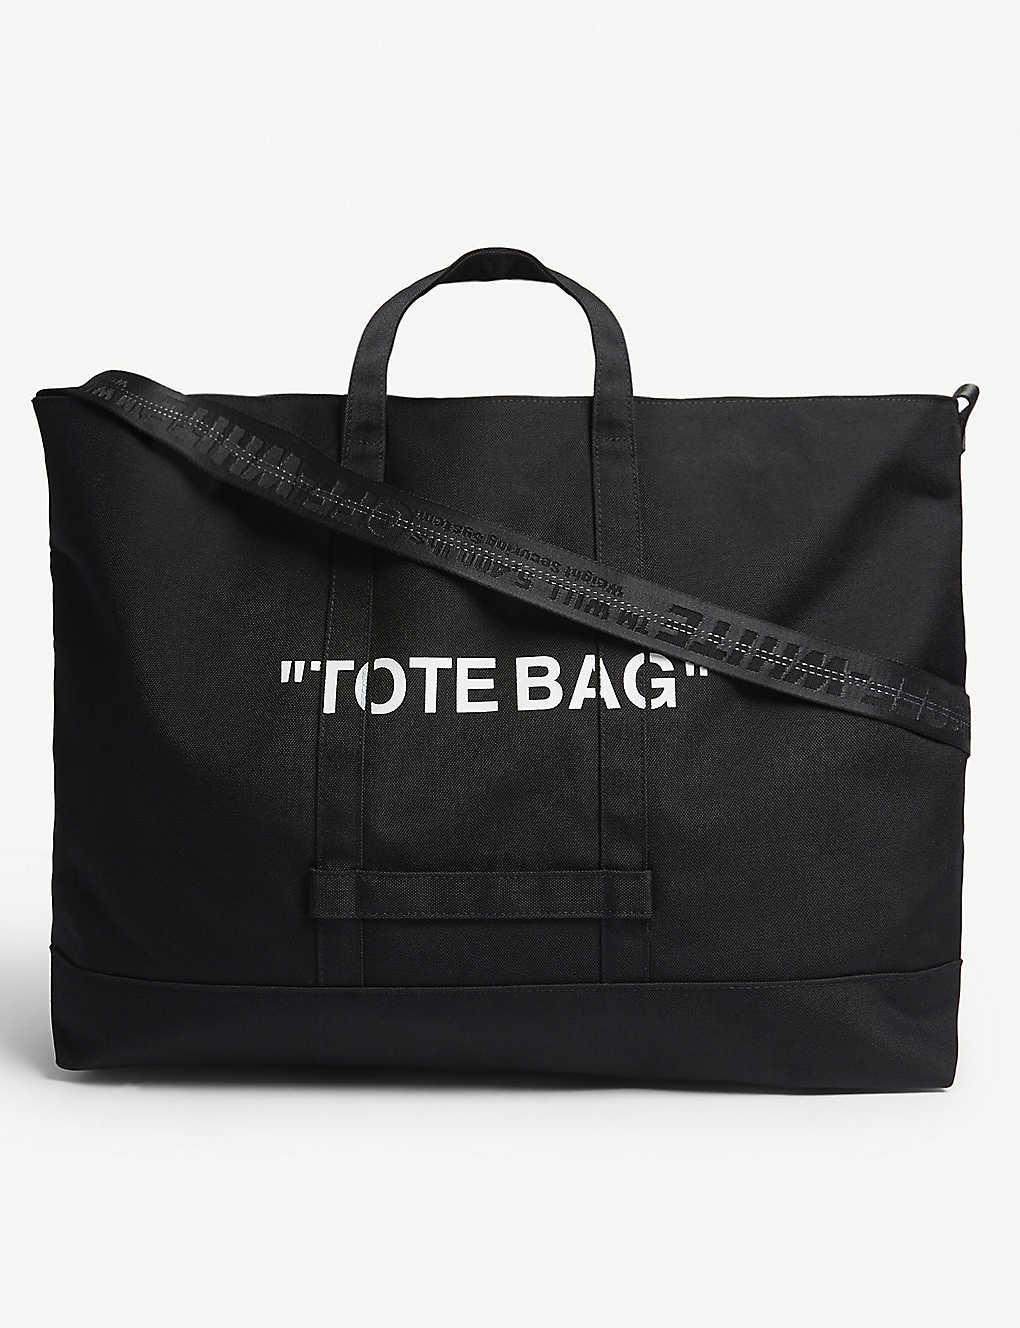 565c6d3d3b3965 OFF-WHITE C/O VIRGIL ABLOH - Quote tote bag | Selfridges.com